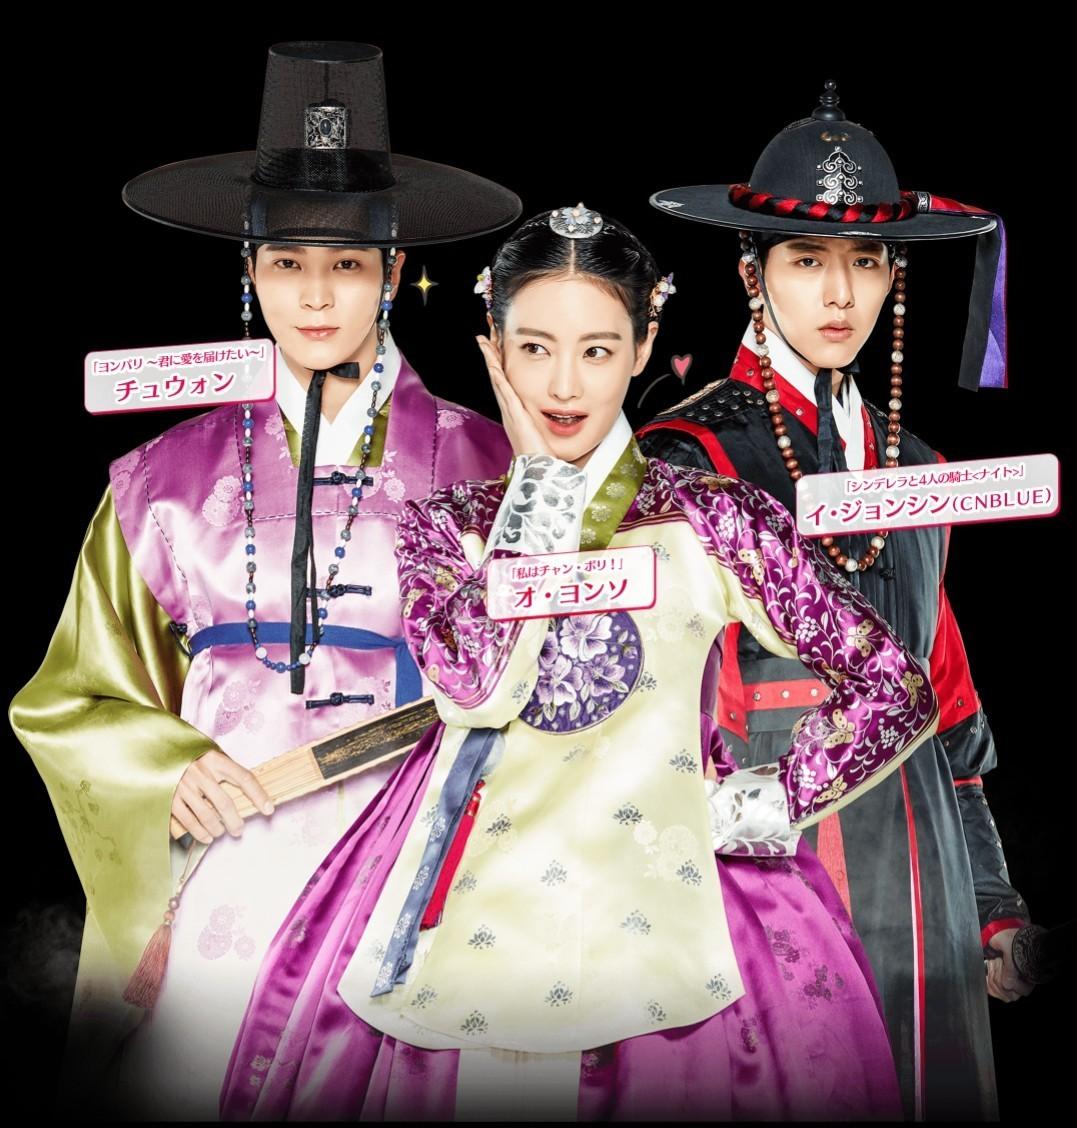 (ケース付) 韓国ドラマ 猟奇的な彼女 Blu-ray ブルーレイ